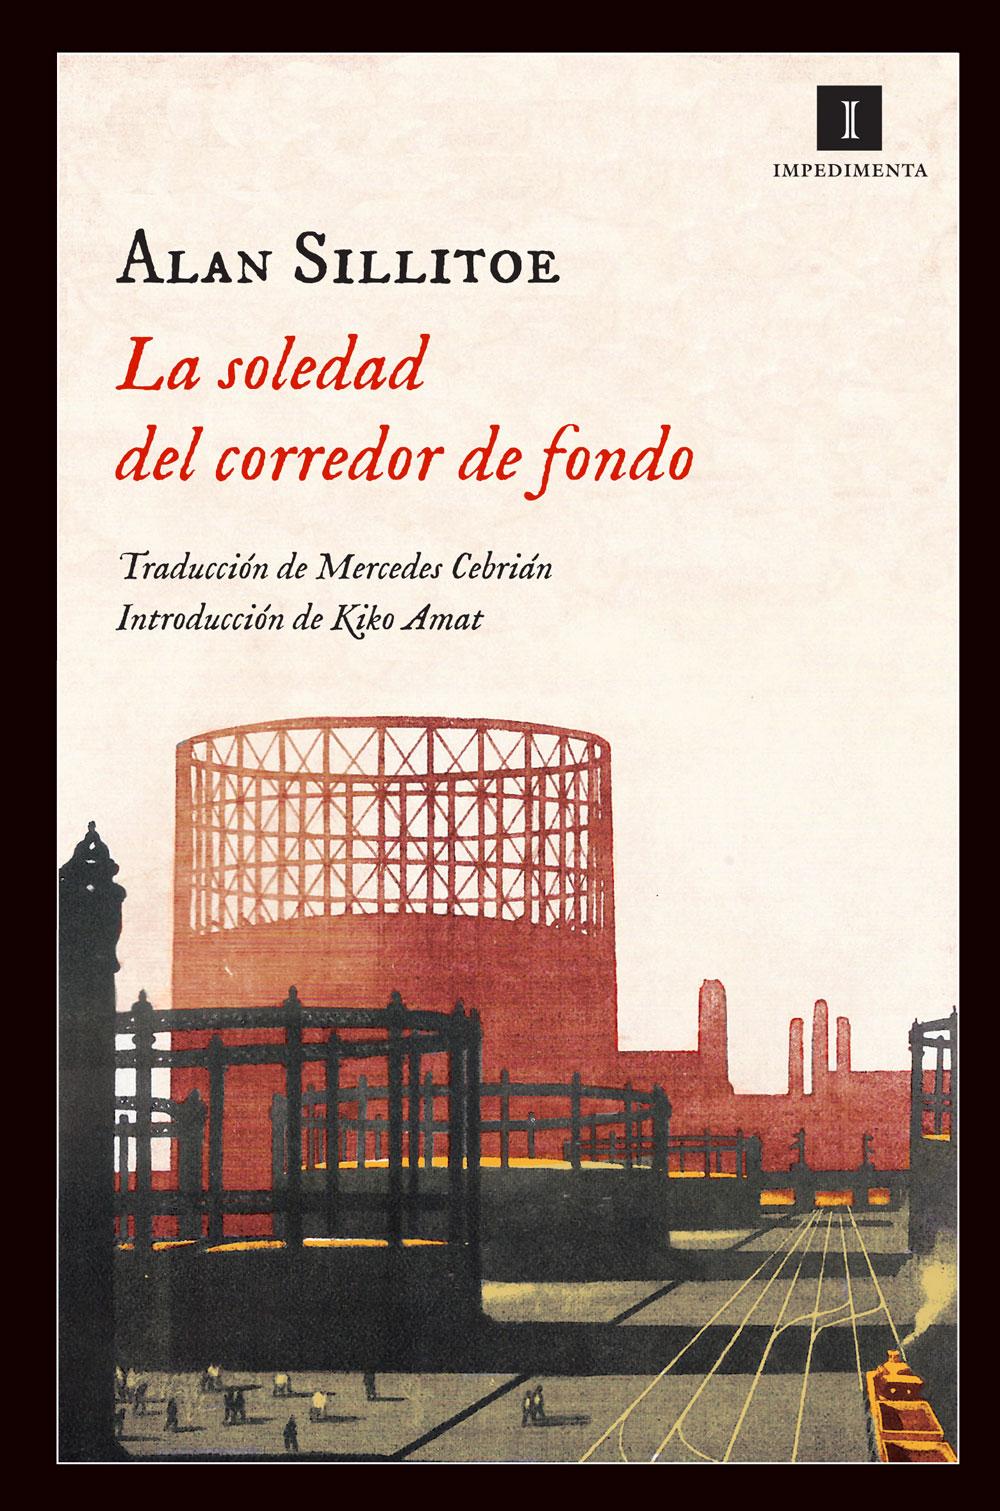 La Soledad del corredor de fondo - Alan Sillitoe